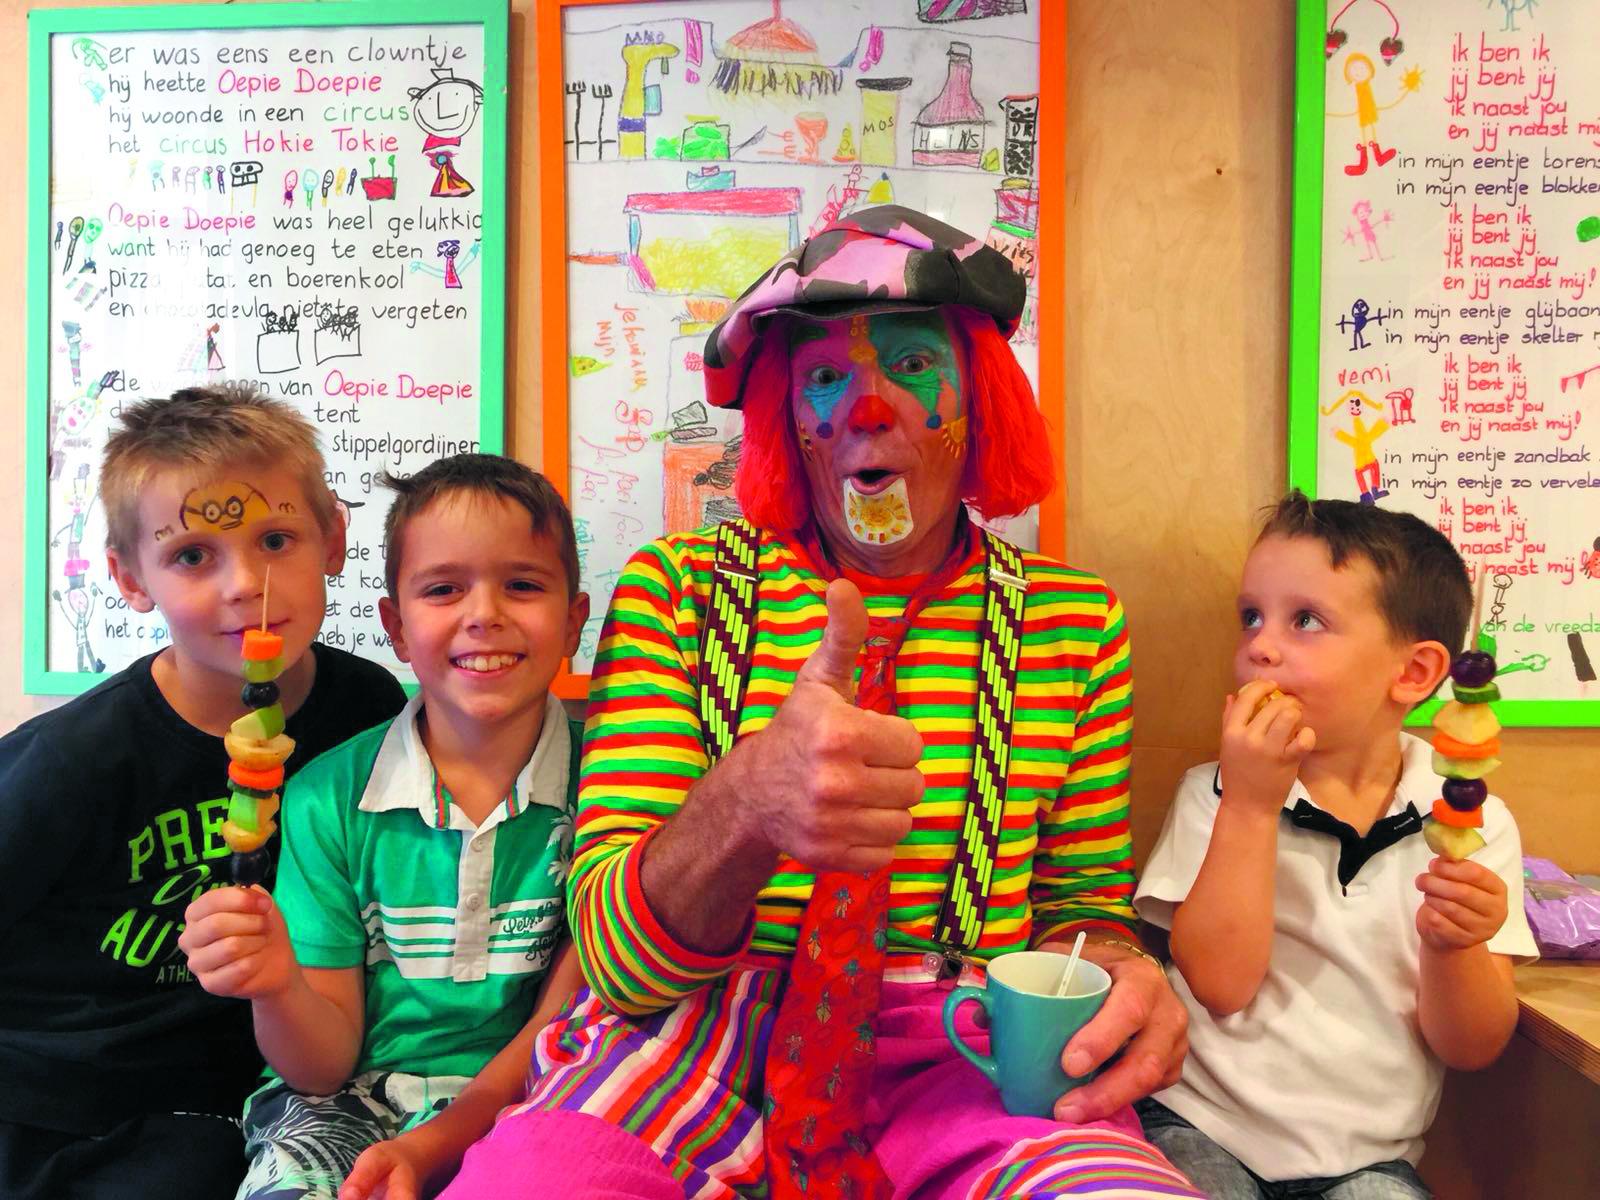 De kinderen zijn klaar voor de opening van Speel-o-theek Castricum. (foto aangeleverd)